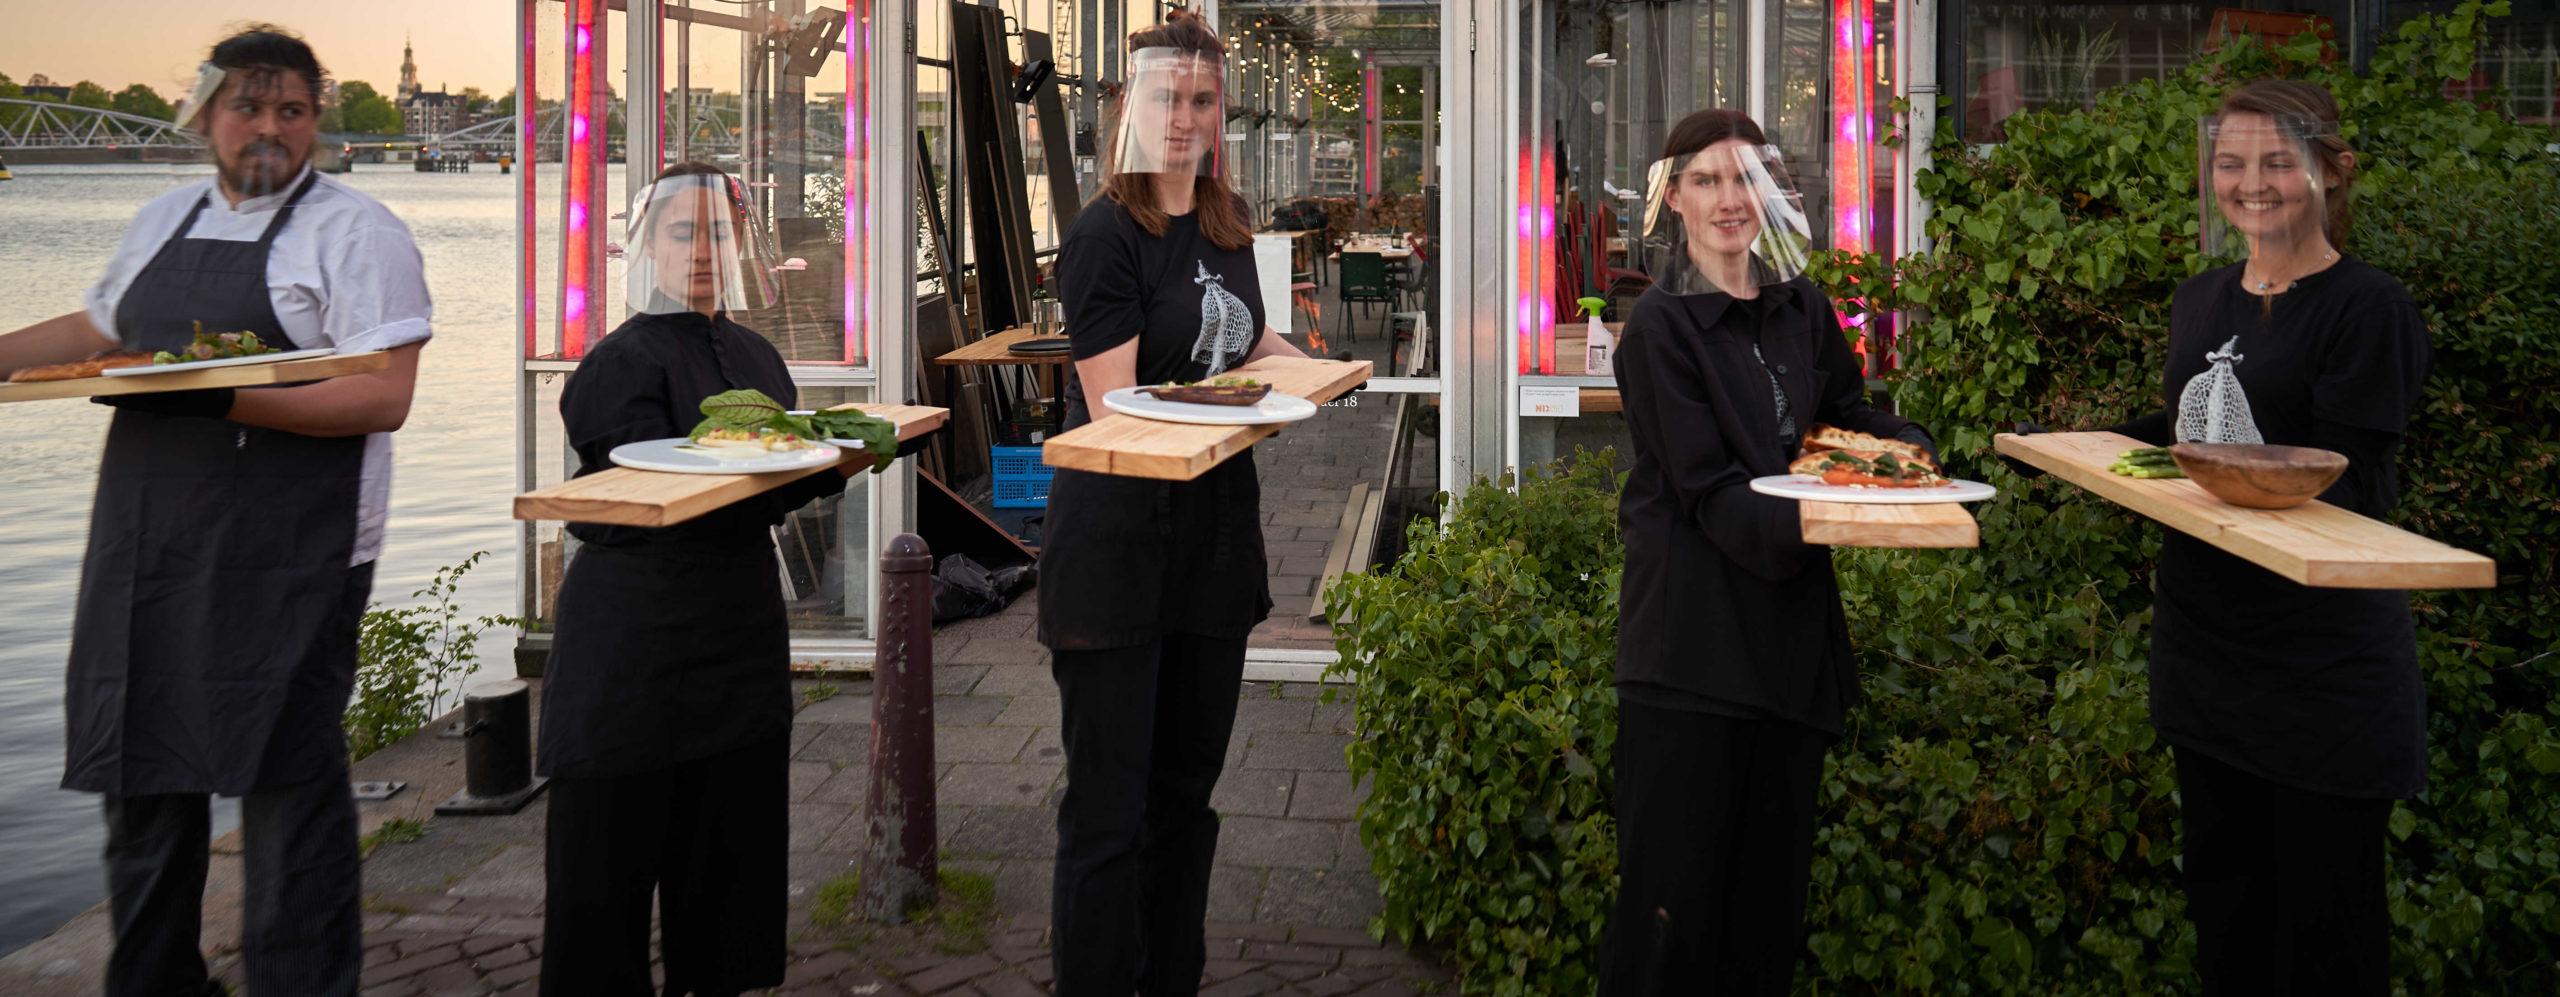 В Амстердамі відвідувачі ресторану їдять у скляних